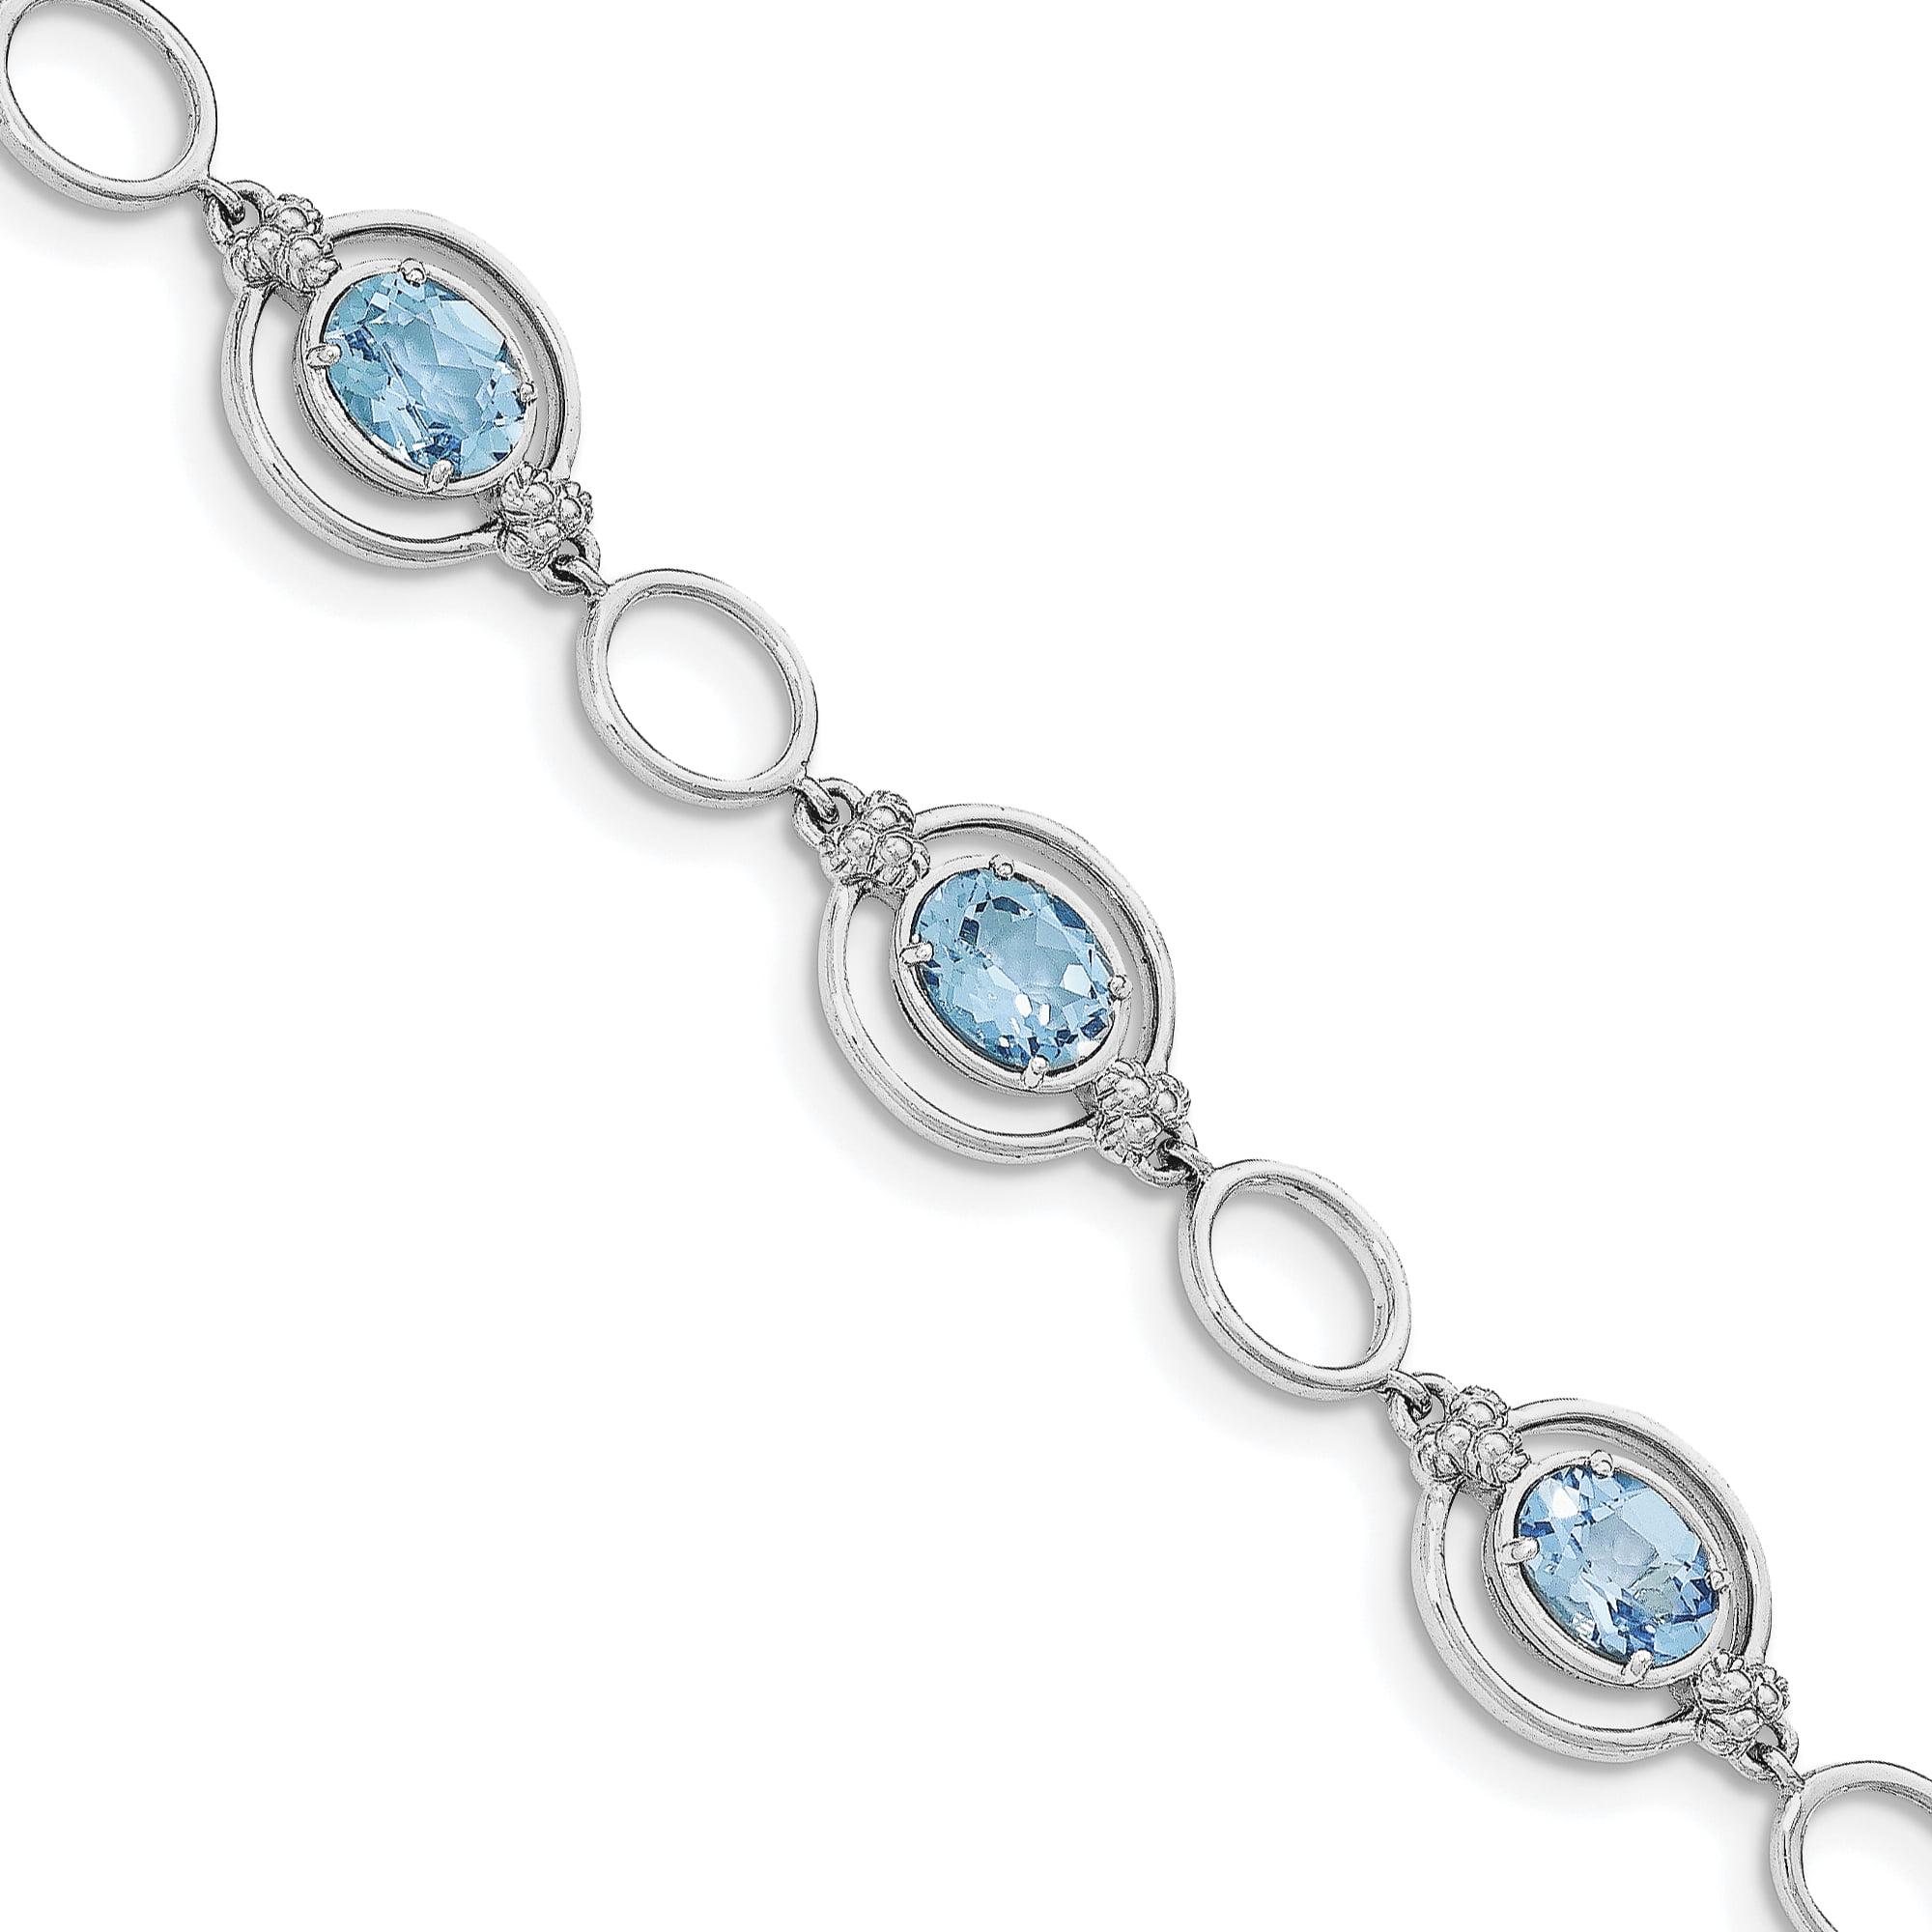 925 Sterling Silver Rhodium-plated Lt. Swiss Blue Topaz Open Link Bracelet by